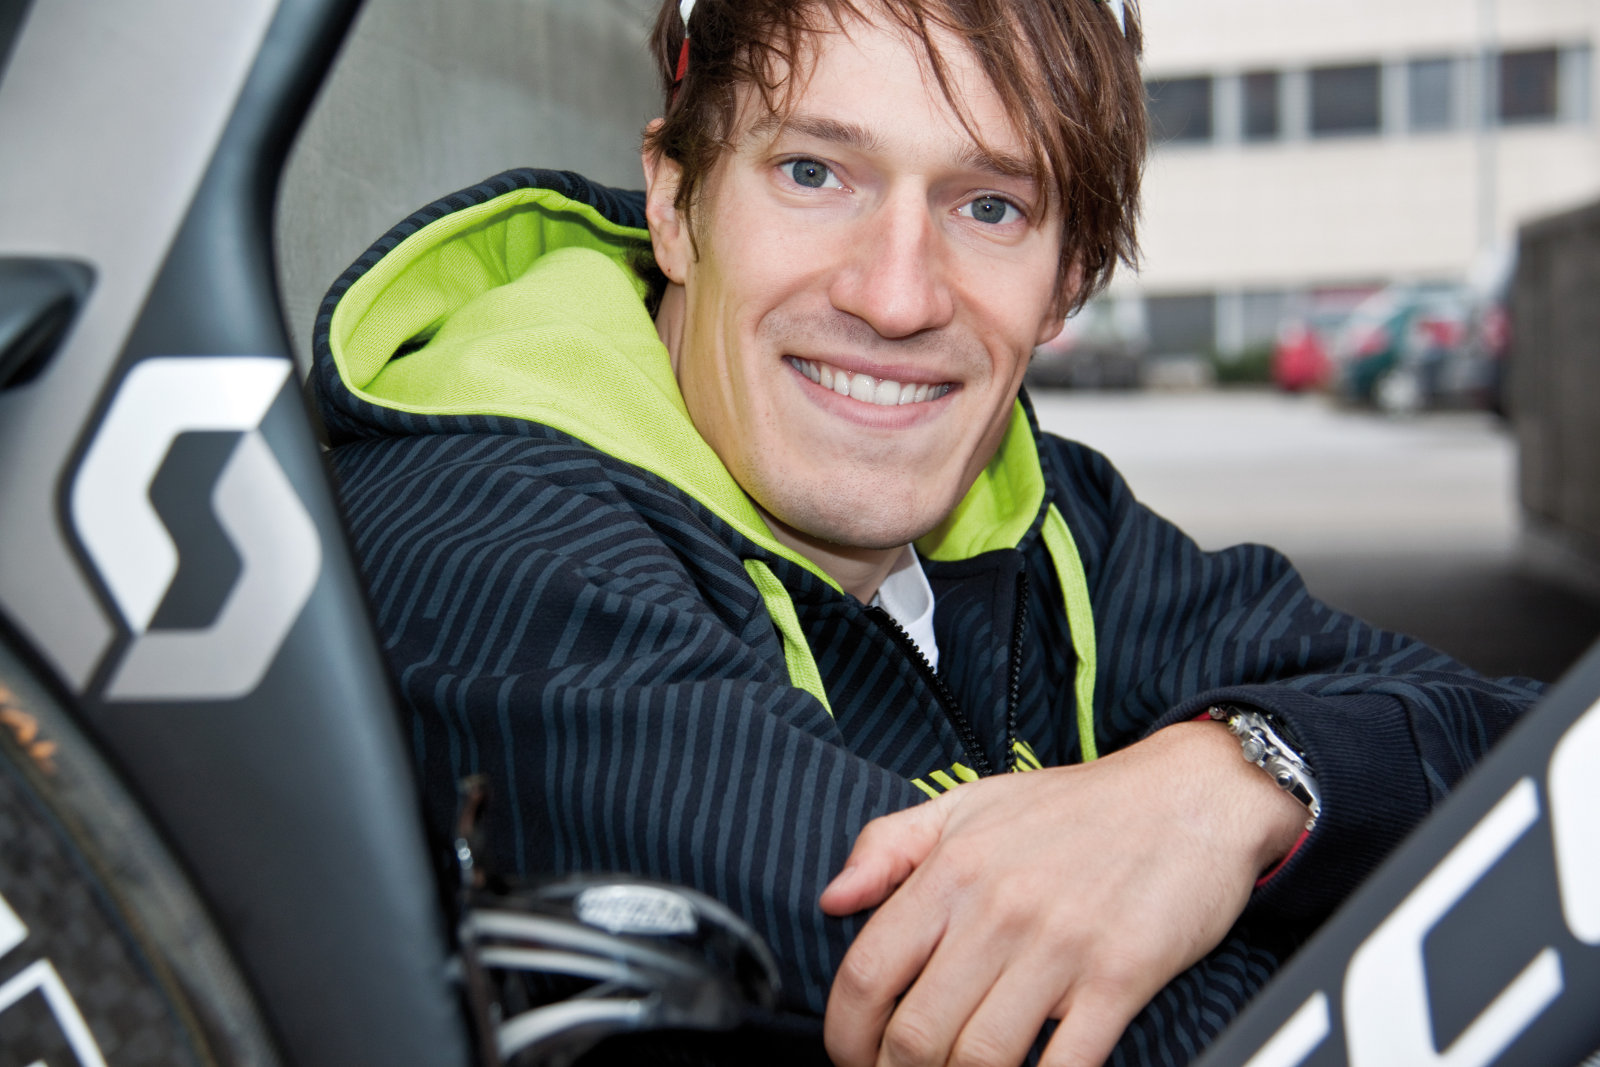 Sebastian Kienle, Hawaii-Sieger und Träger der BWTV Ehrennadel in Gold.